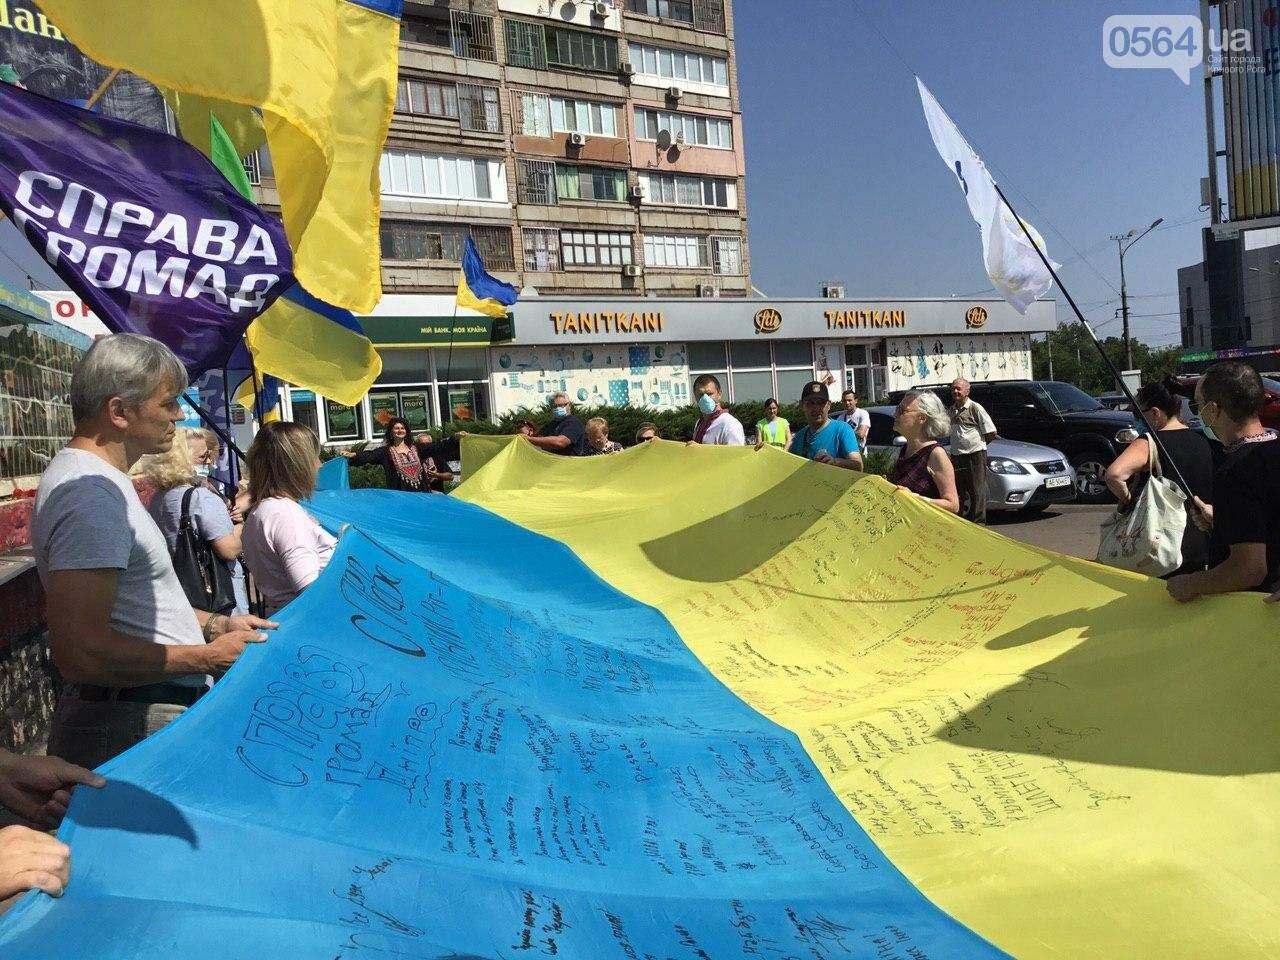 """""""Українці - брати, Разом ми - сила!"""", - какие пожелания и призывы написали криворожане на Знамени Единства, - ФОТО, ВИДЕО, фото-3"""